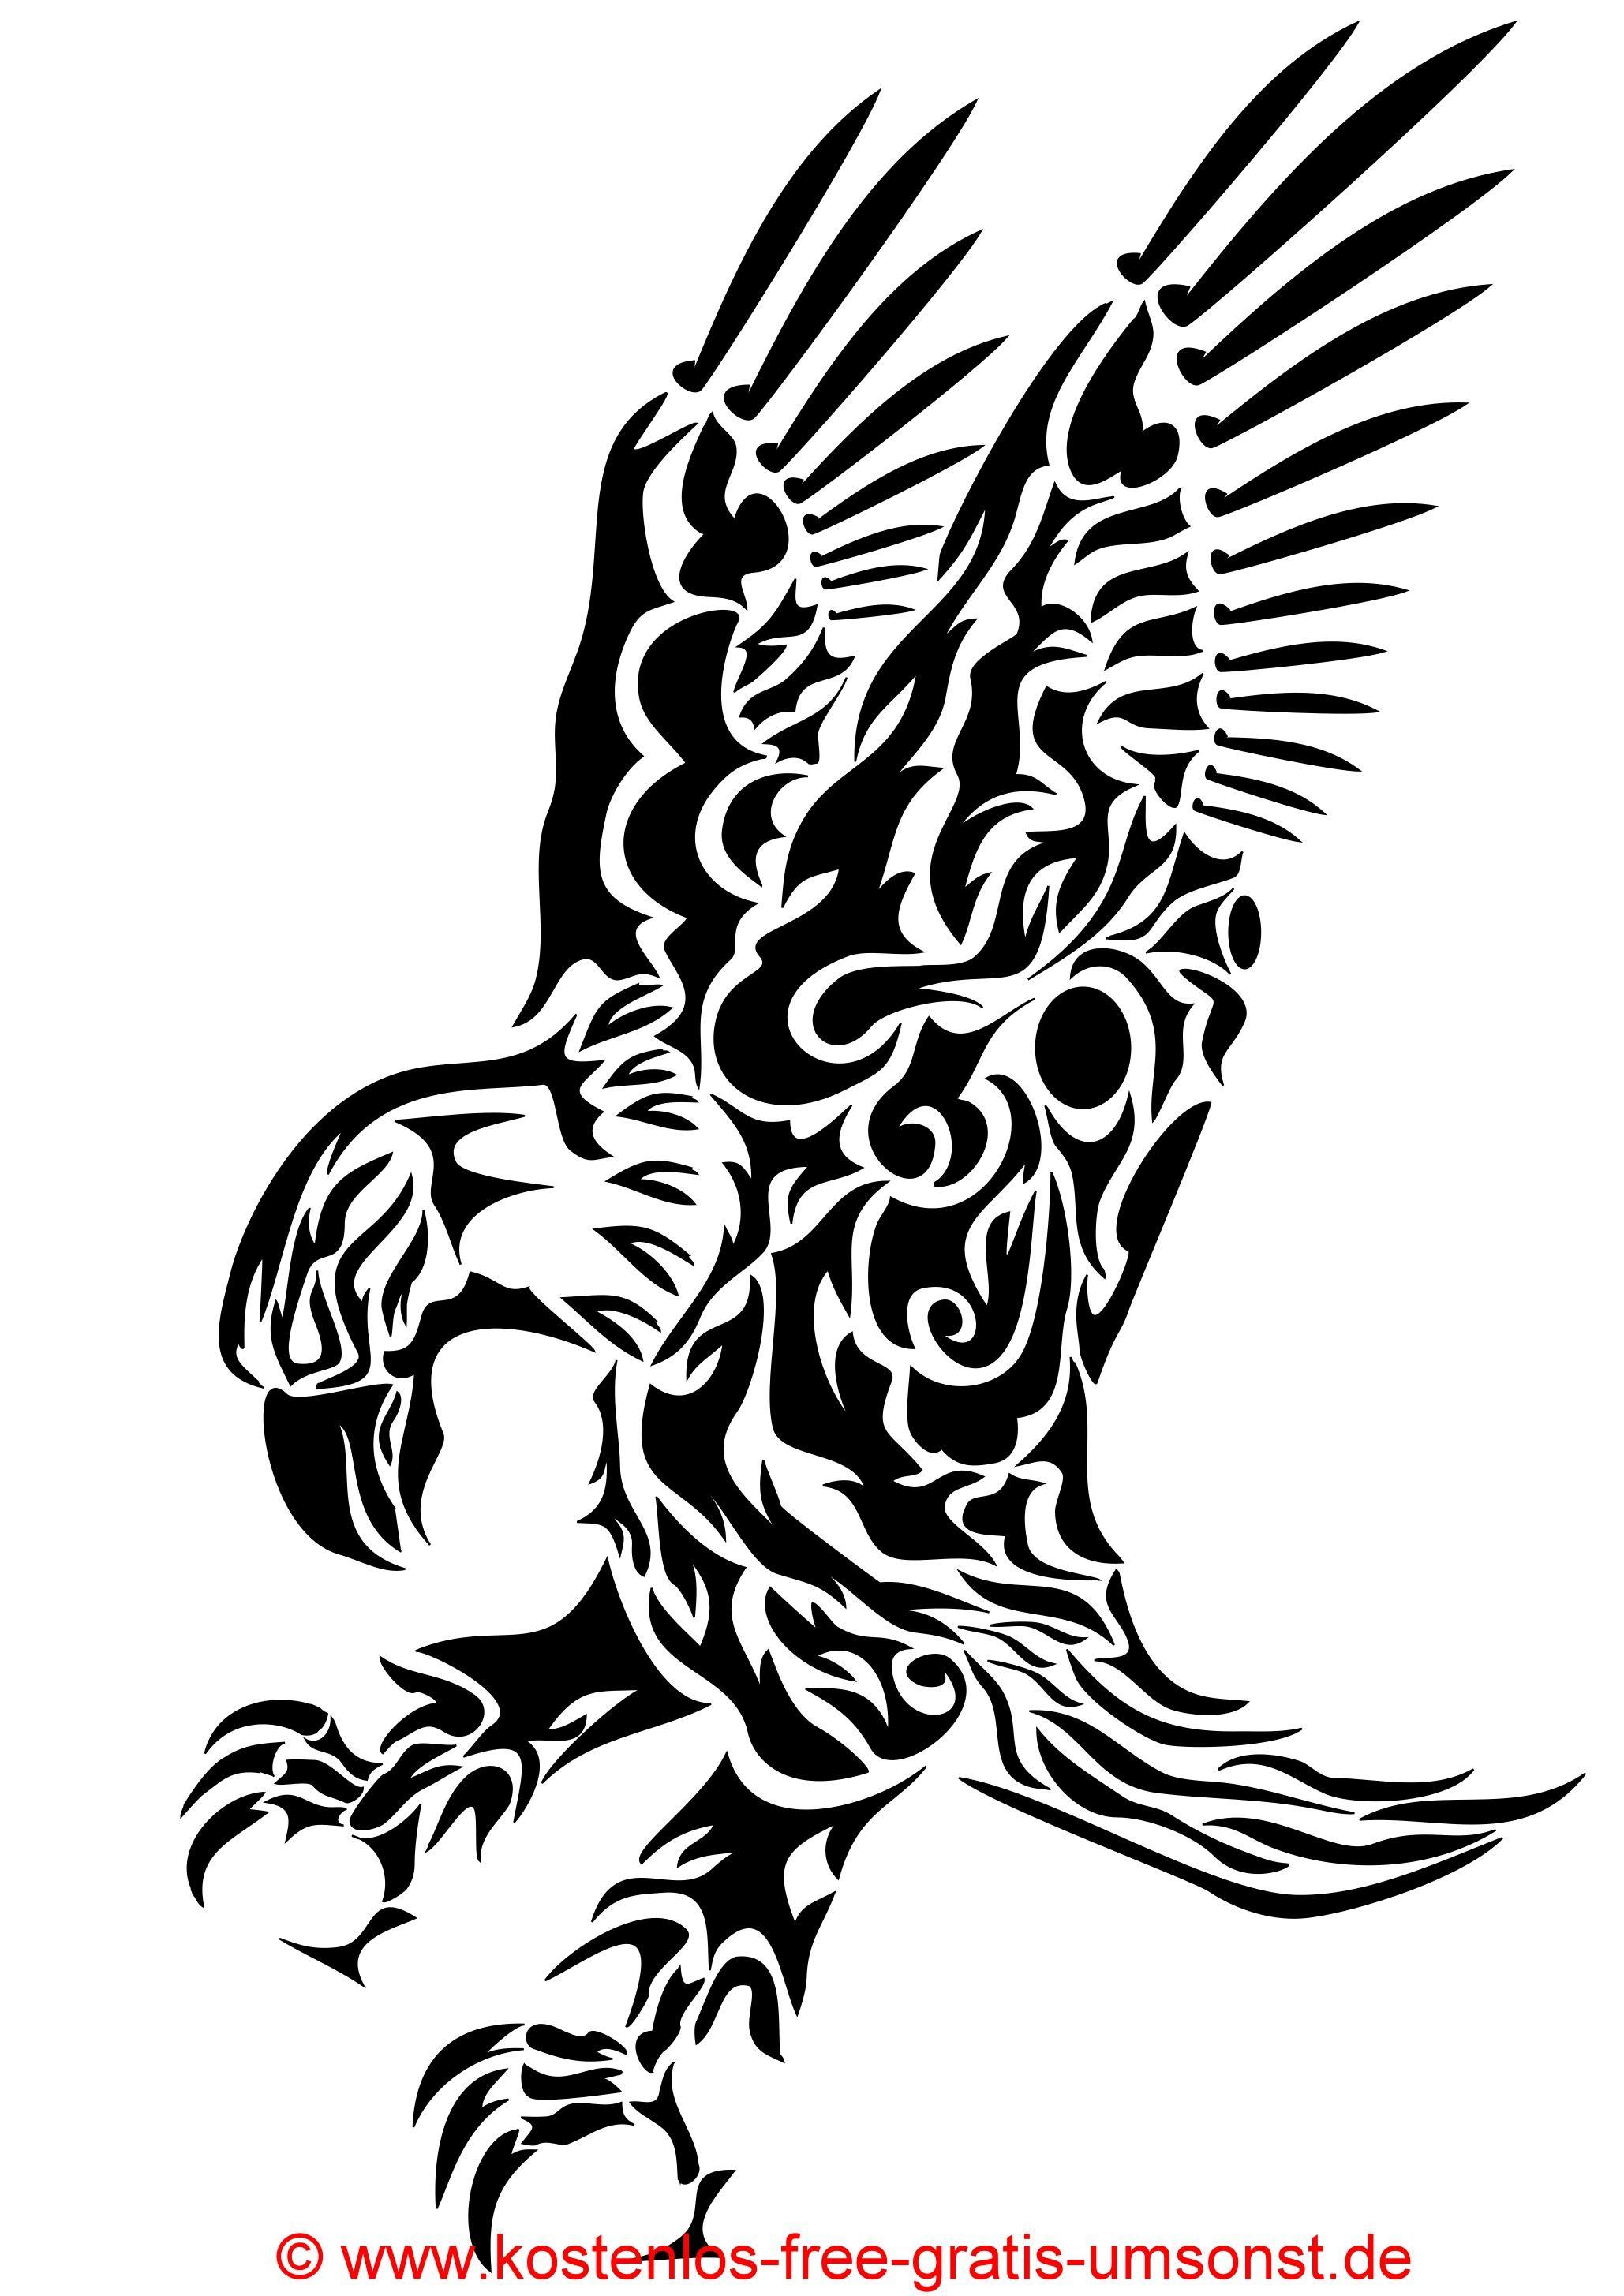 Tiere Tattoo Bild Vogel Adler schwarze Tattoovorlage black